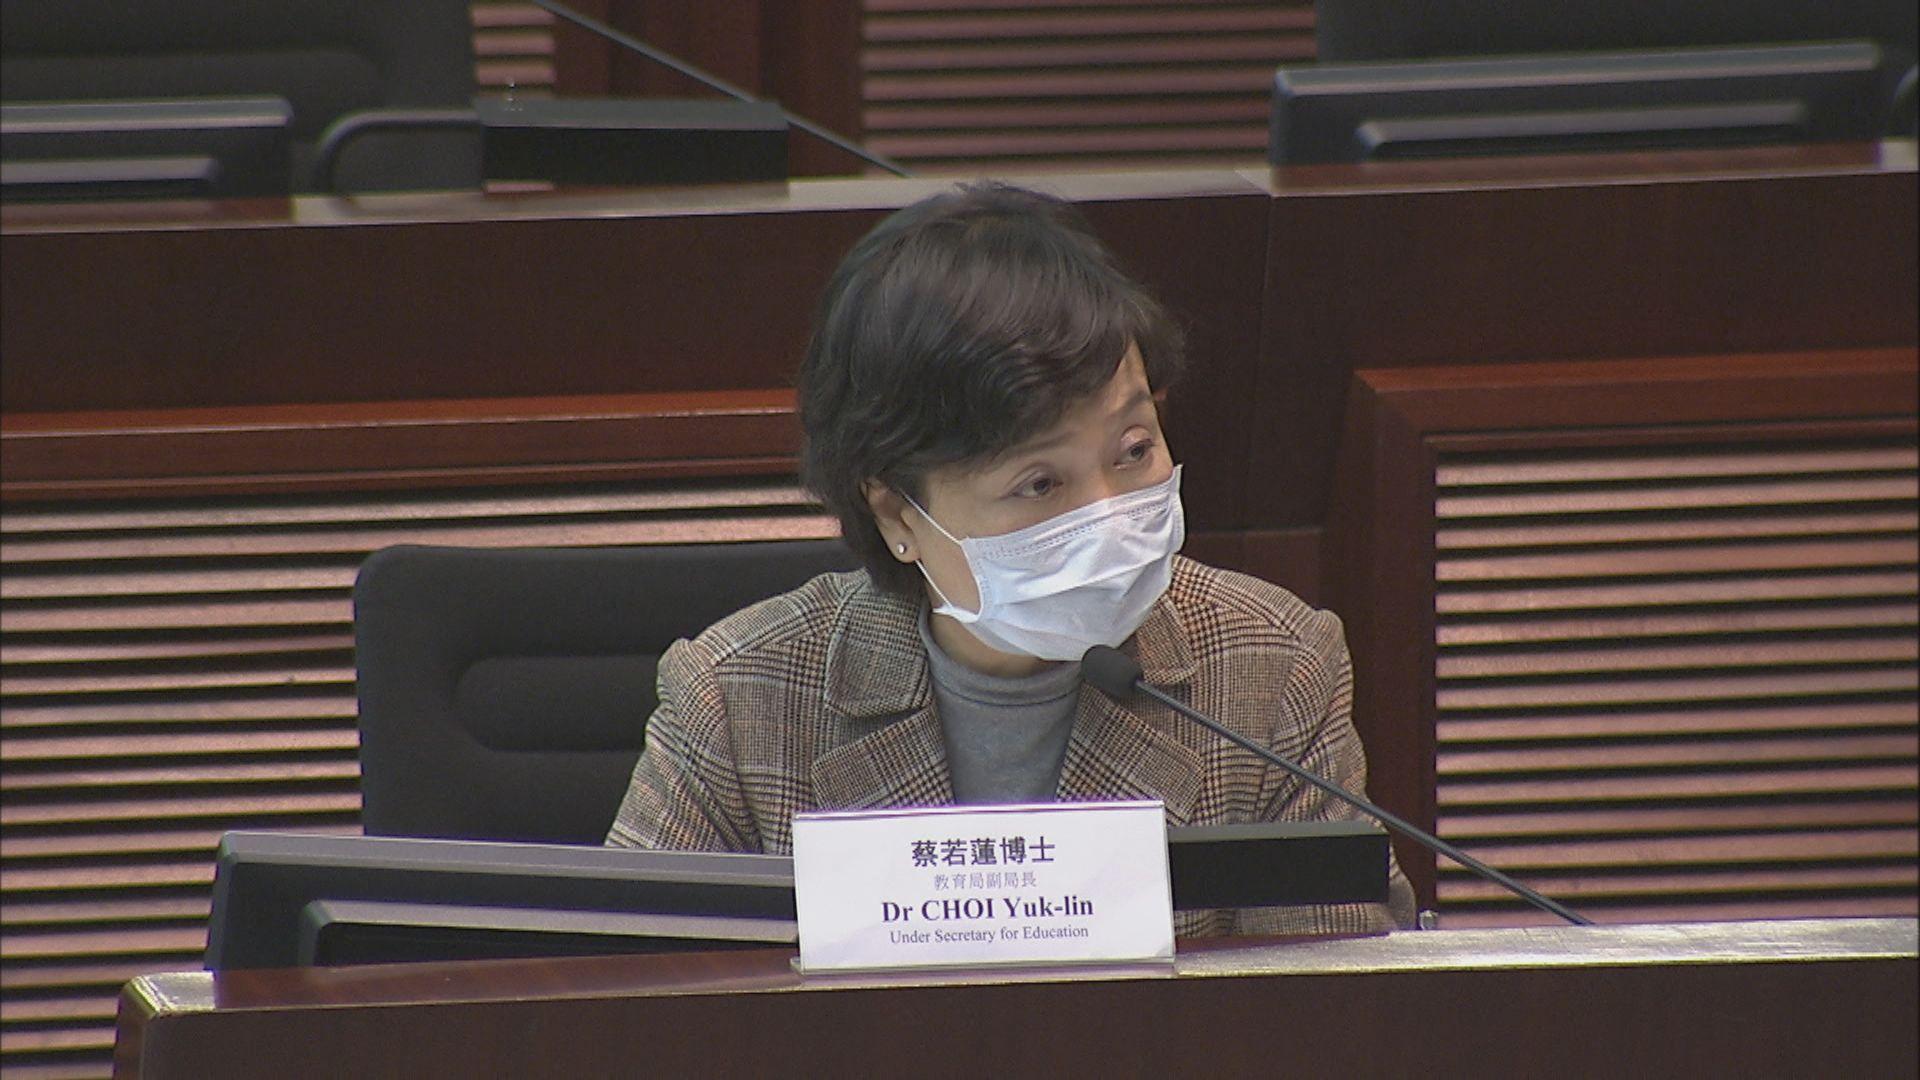 蔡若蓮:接獲6宗因社會事件的轉校要求